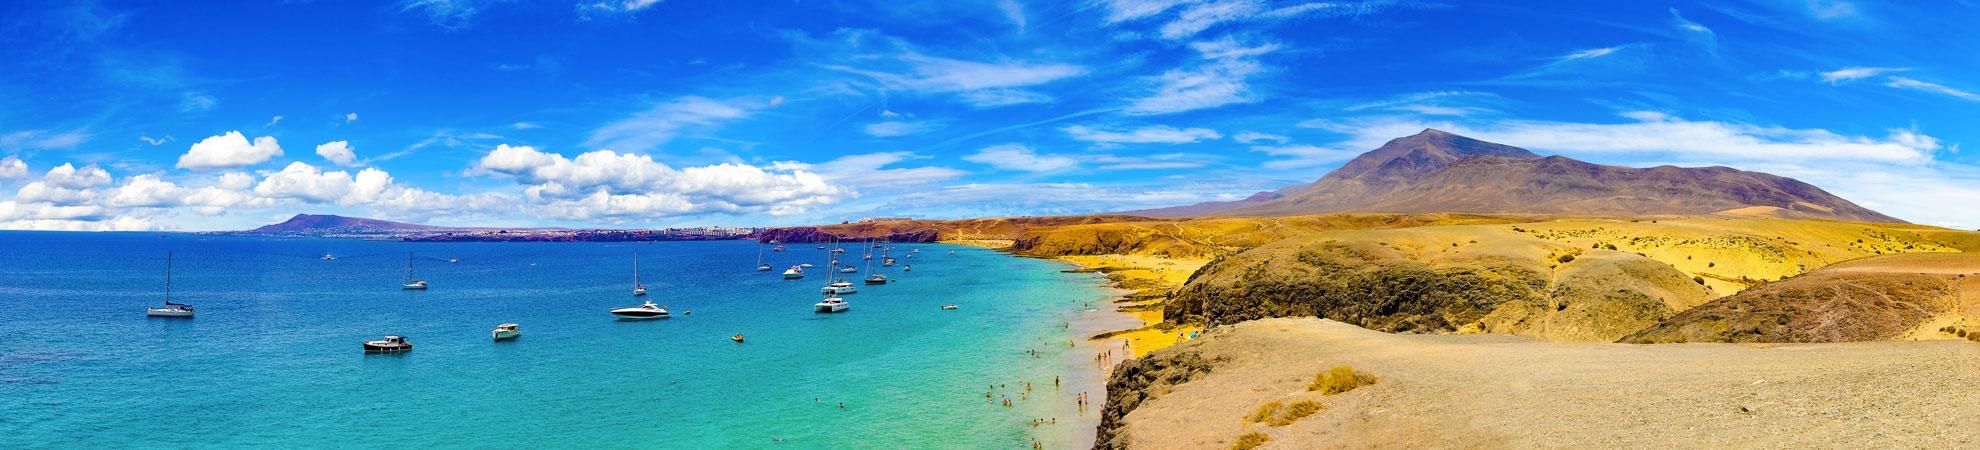 Voyage Lanzarote